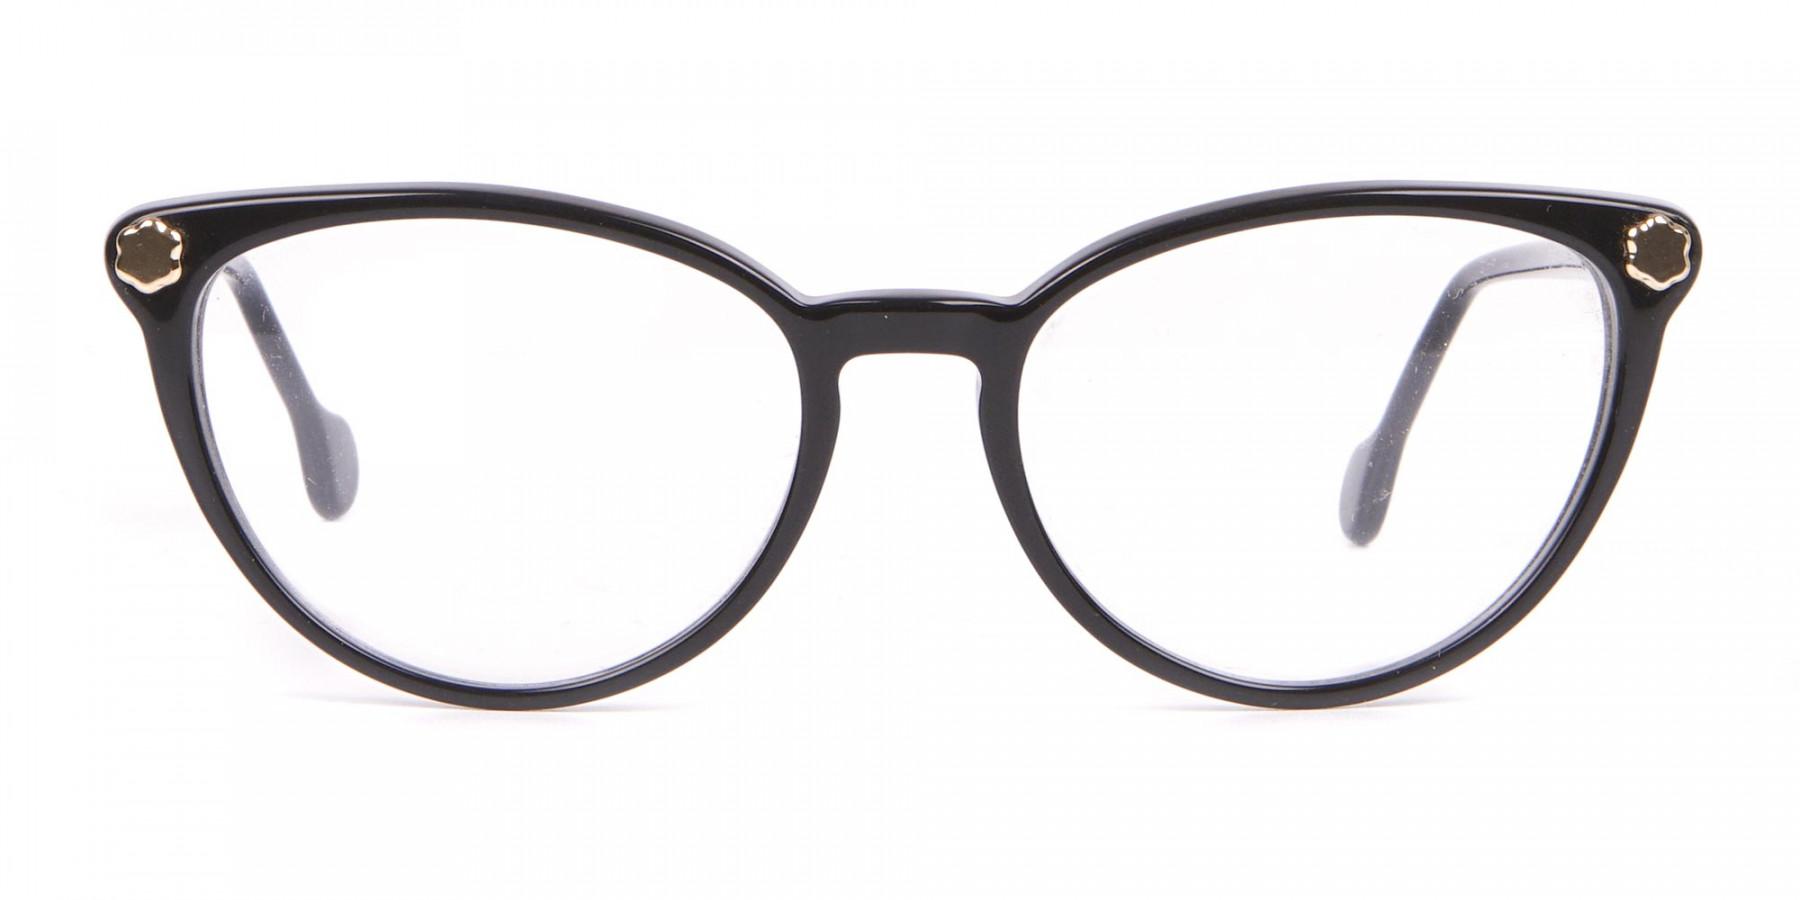 Salvatore Ferragamo SF2837 Women's Cateye Glasses Black-1